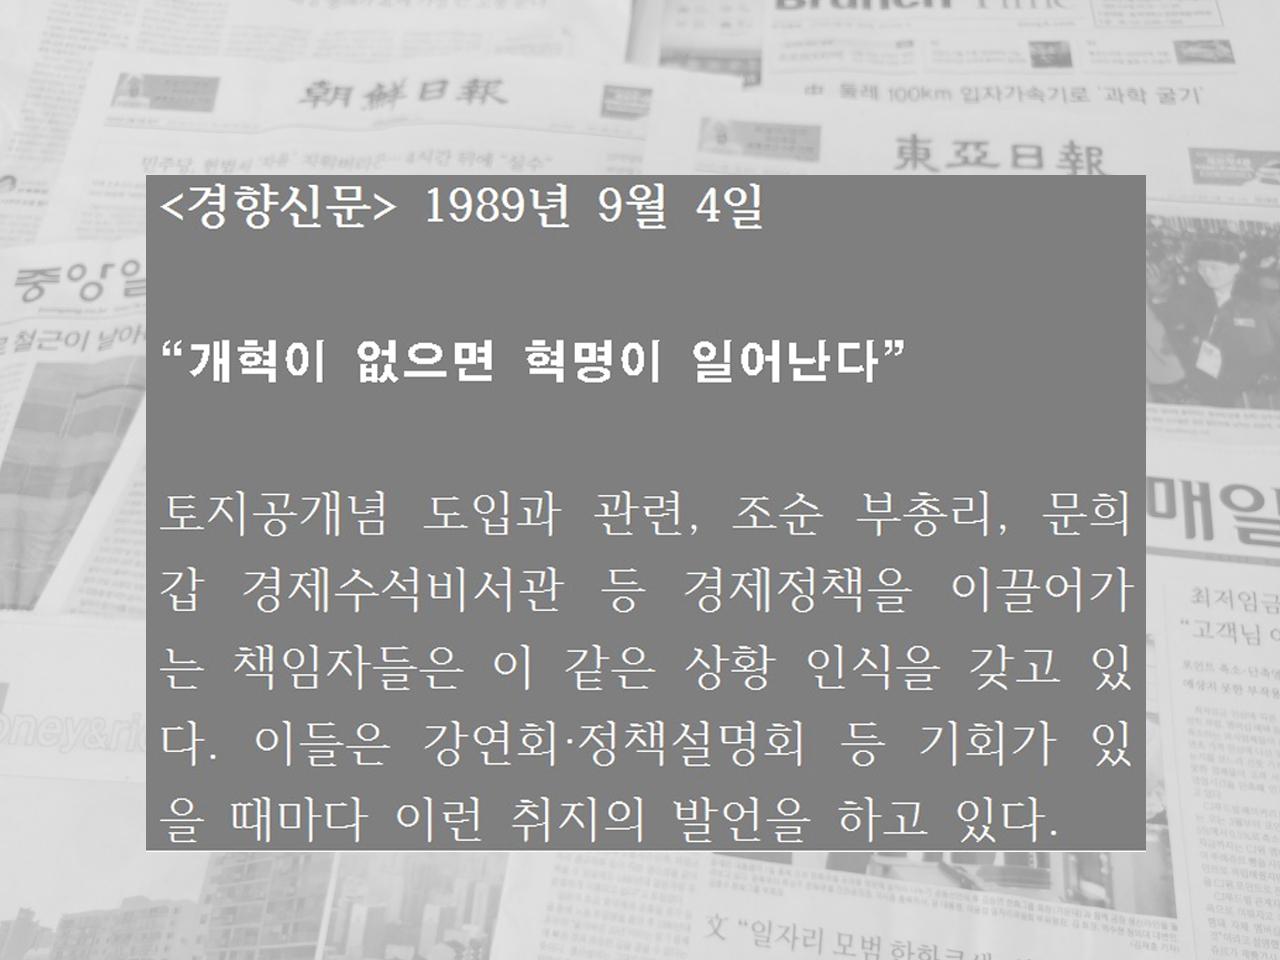 1989년 9월 4일자 <경향신문> 보도의 발췌.